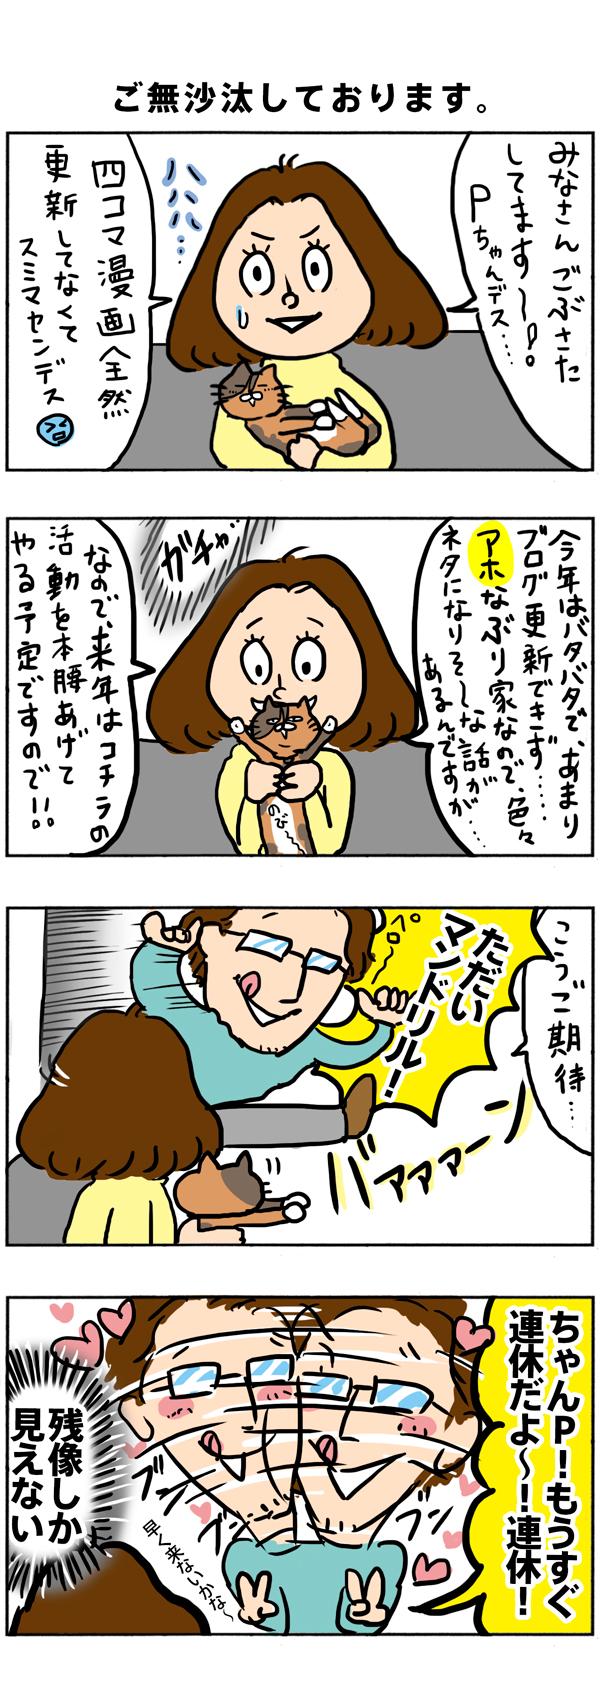 自転車四コマ漫画復活!ご無沙汰しておりました^^;